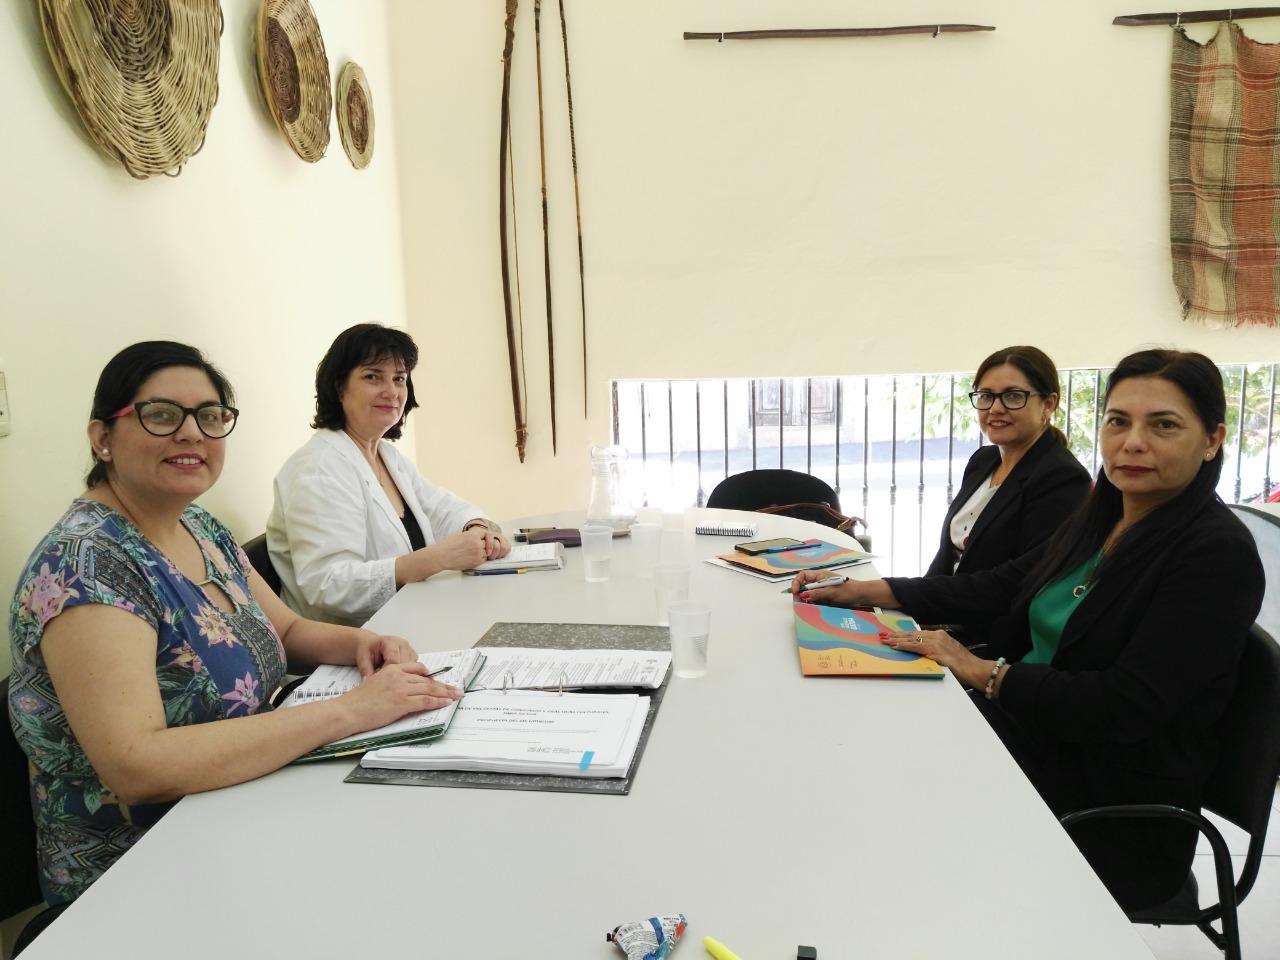 Coordinan acciones para el desarrollo de estadísticas culturales del país imagen